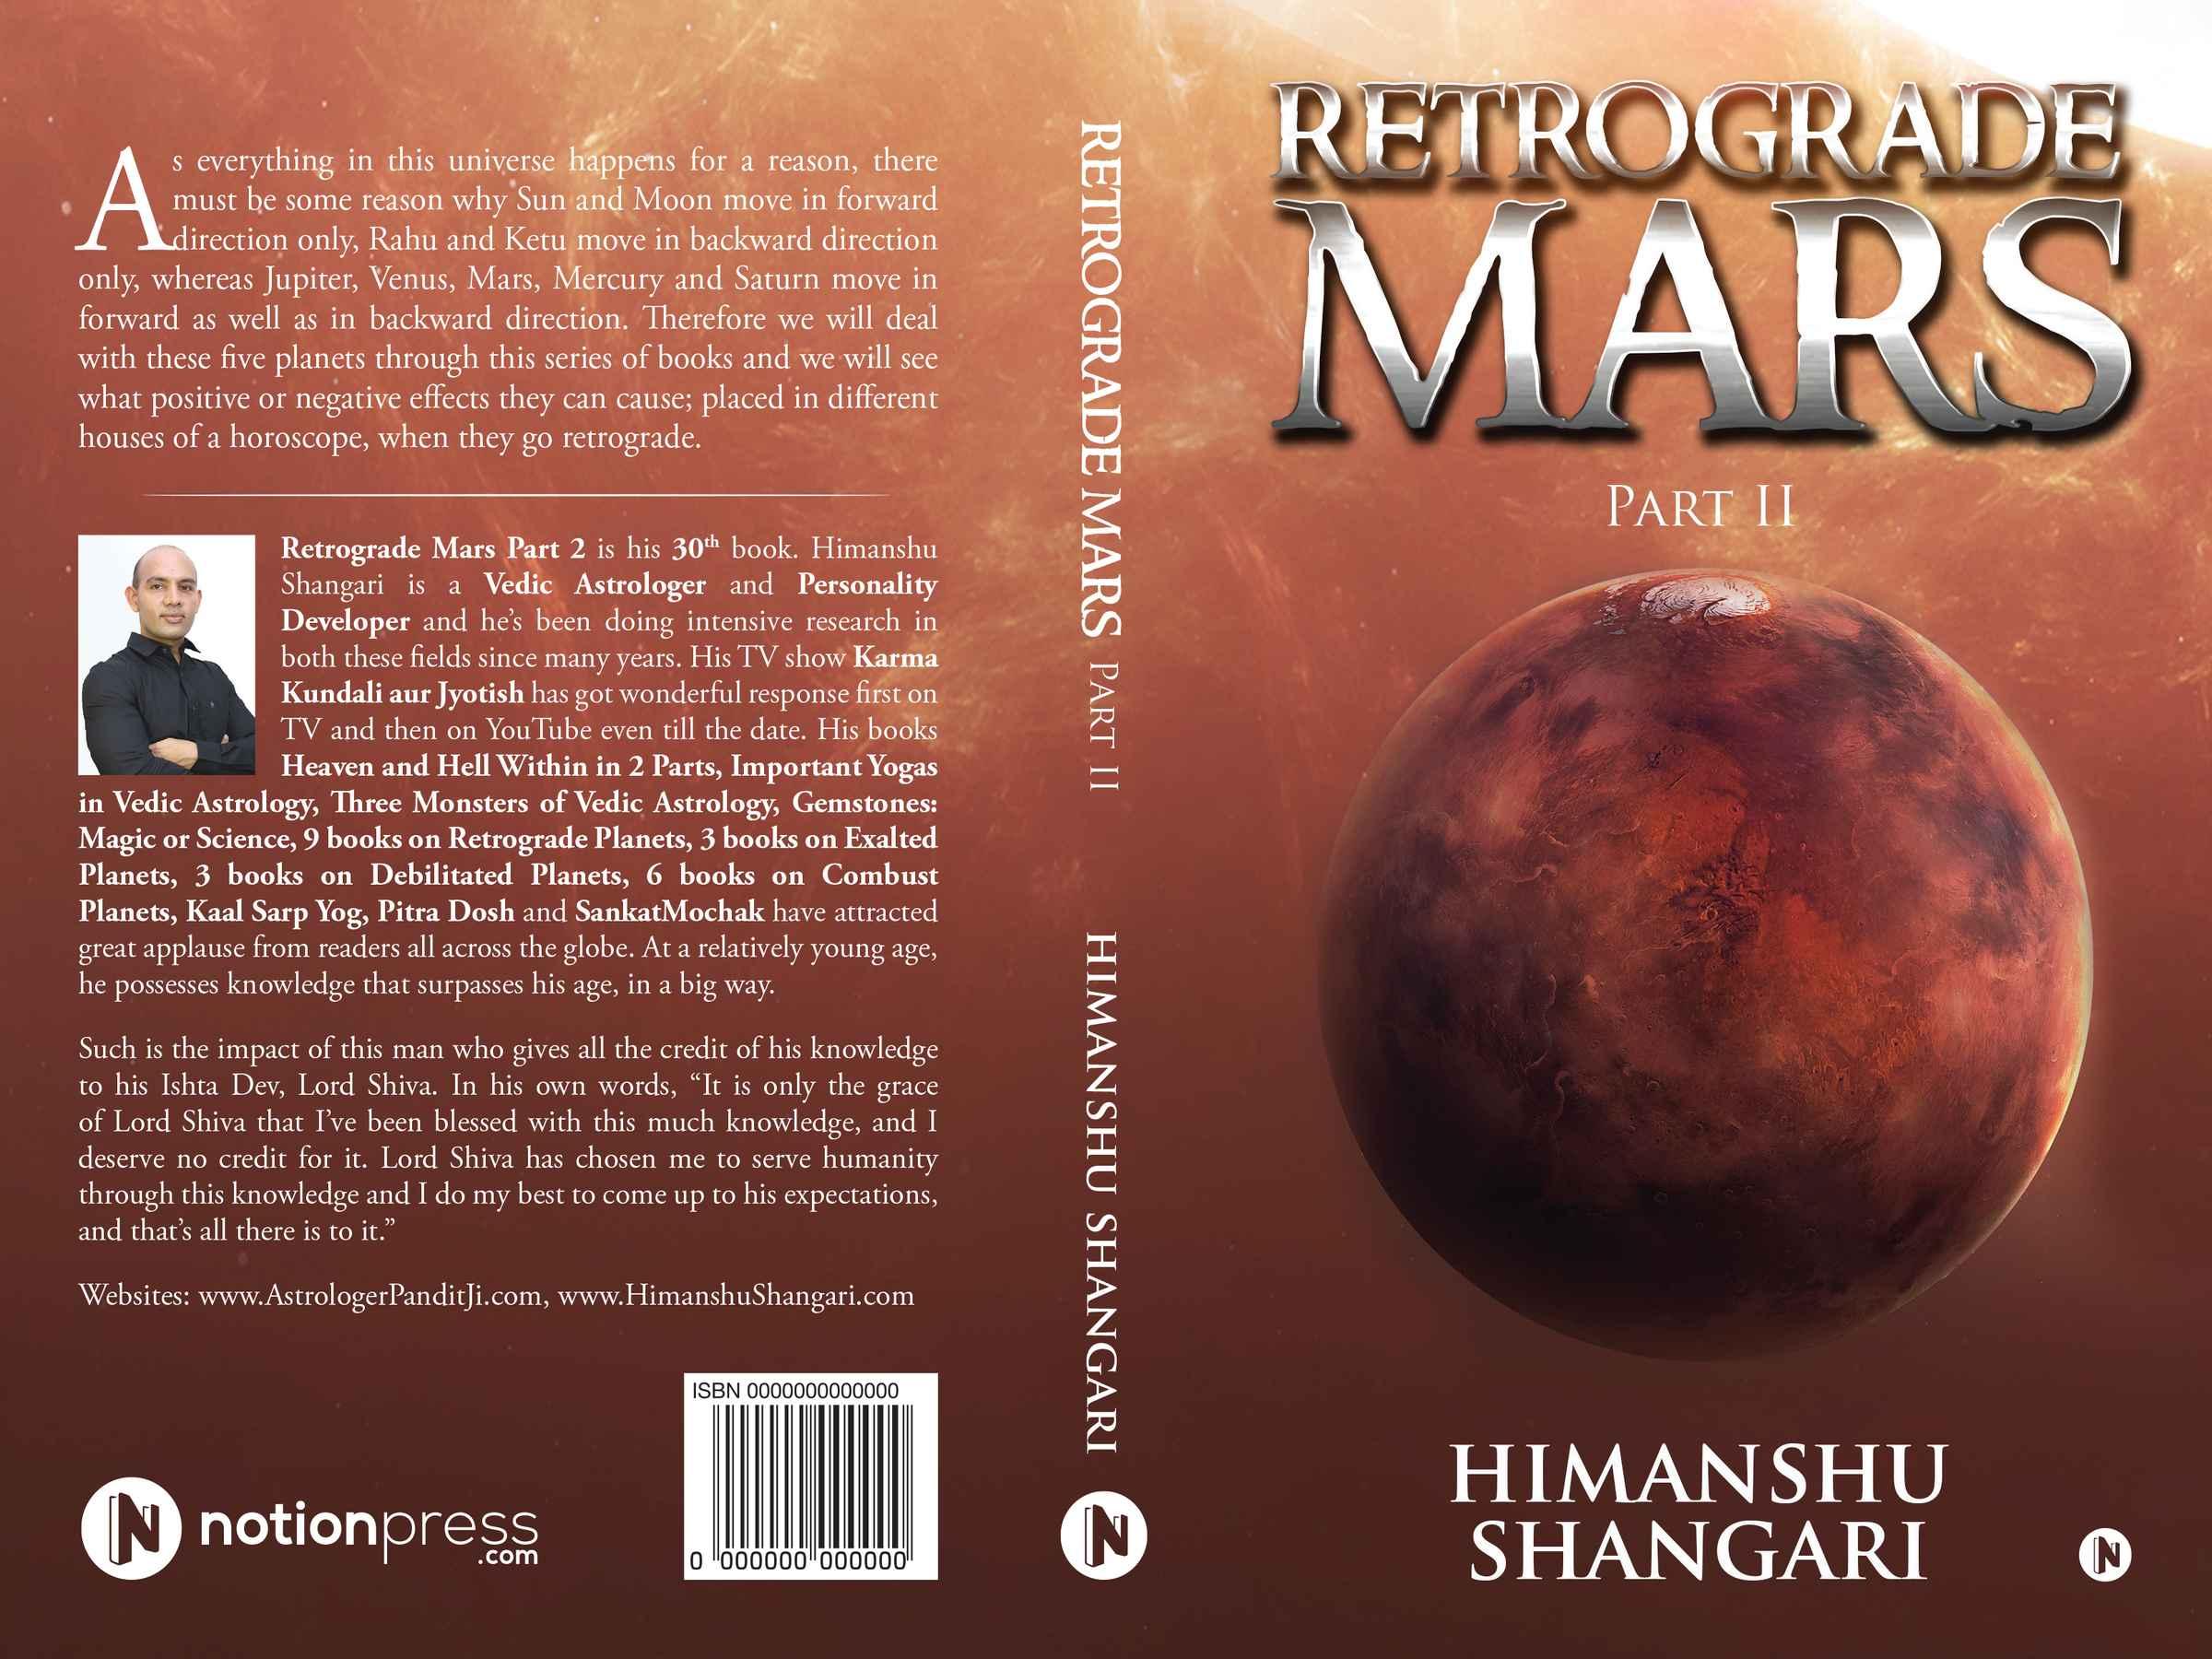 Retrograde Mars Part 2